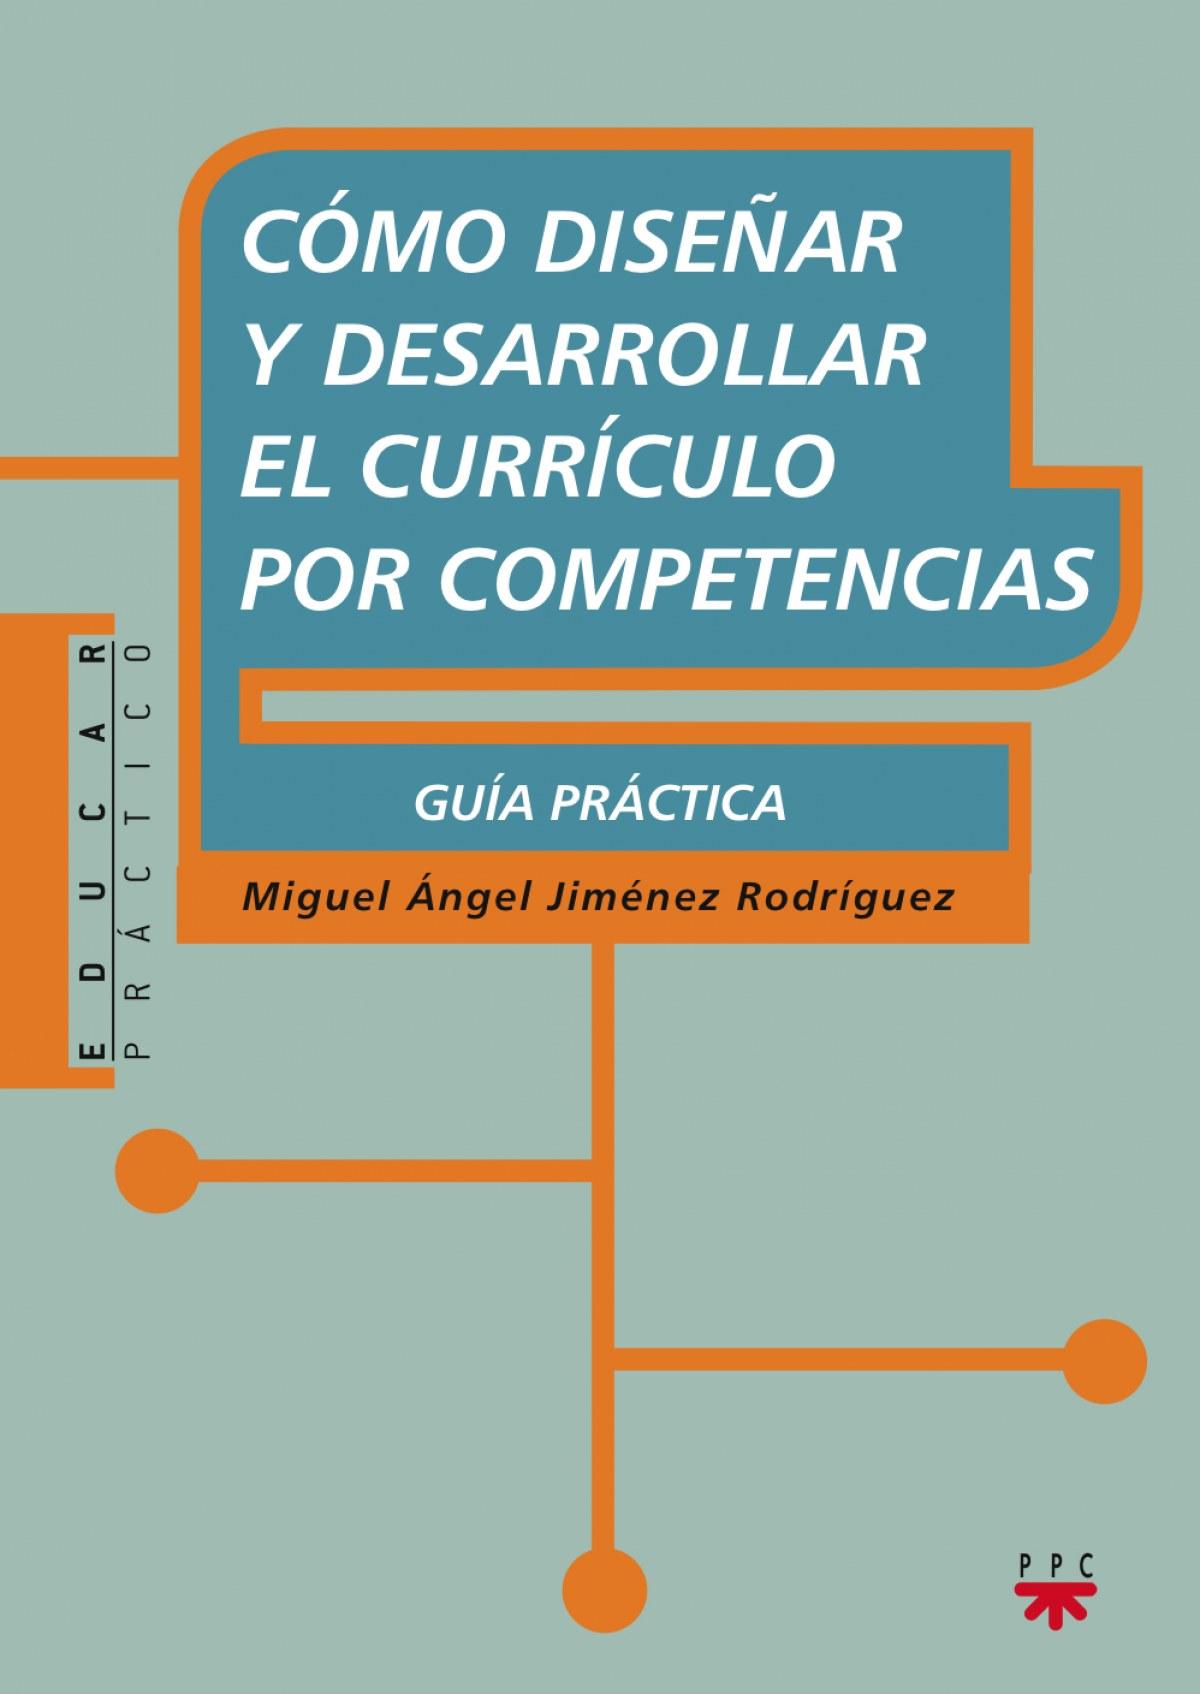 Cómo diseñar y desarrollar el currículo por competencias